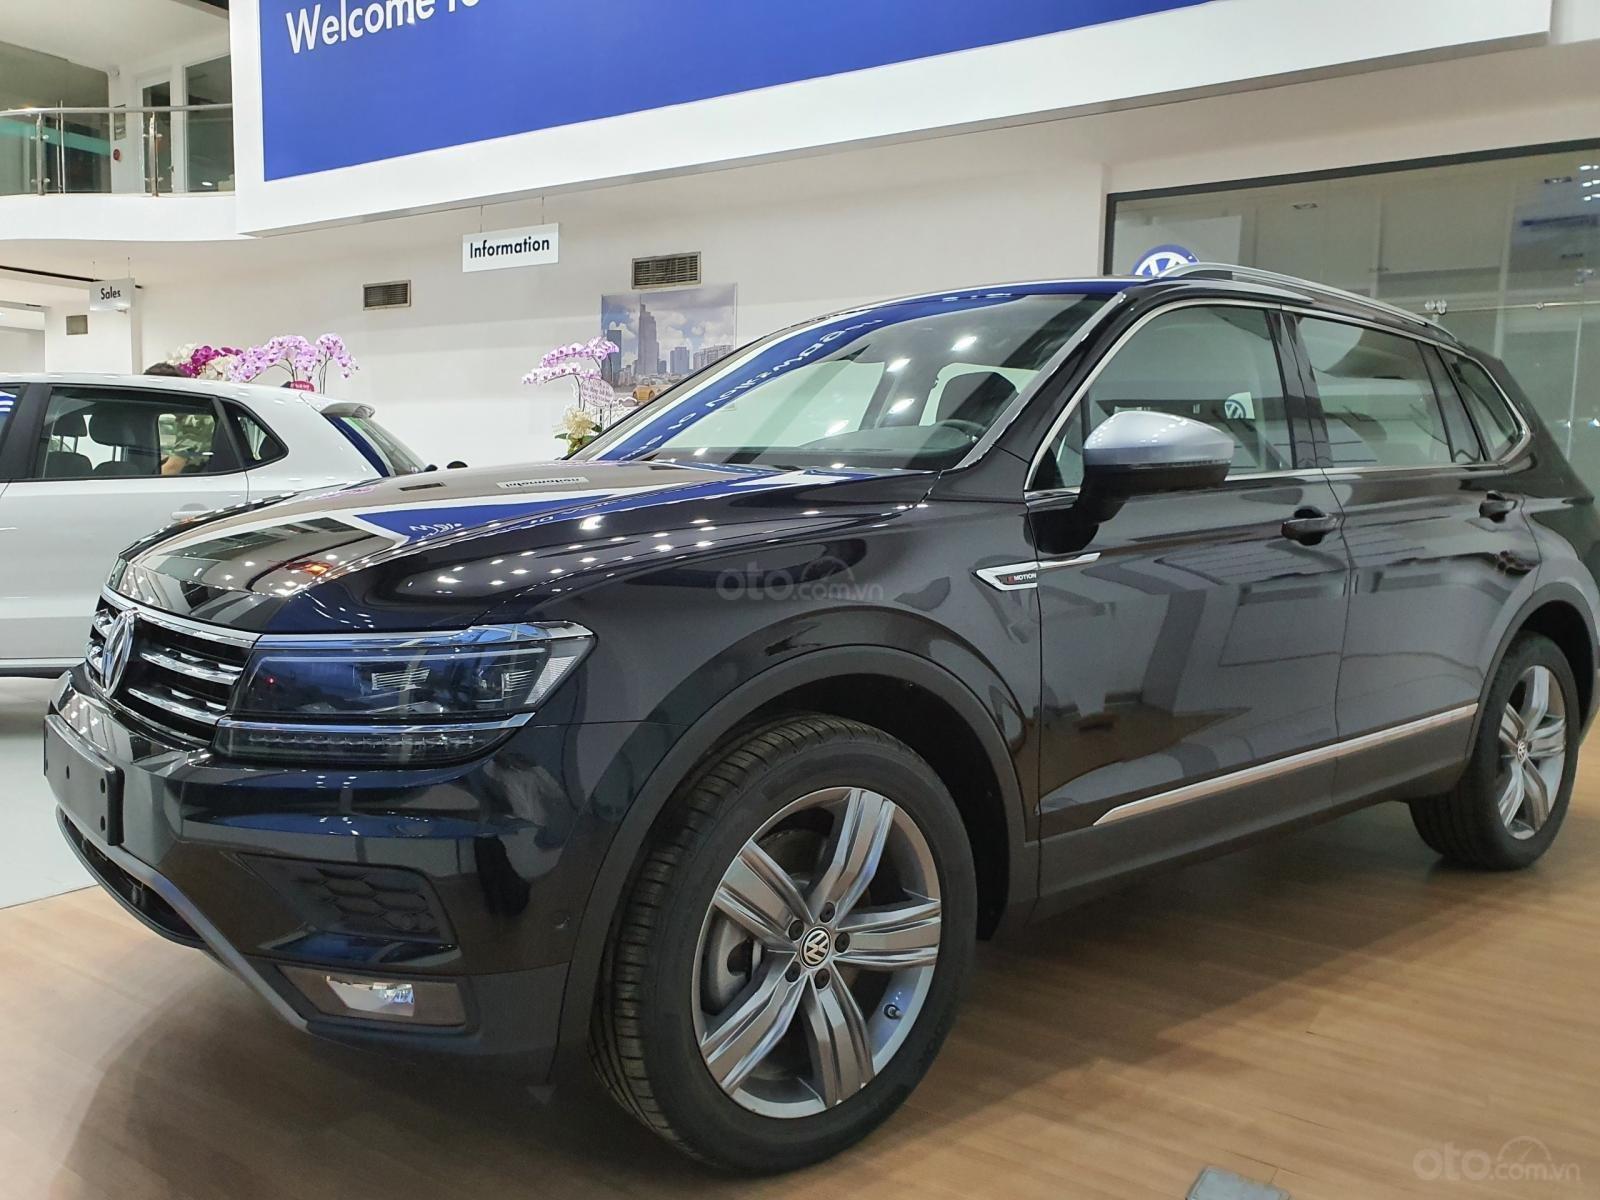 Volkswagen Tiguan Luxury 2020 giá khuyến mãi kịch sàn tại Bình Dương (4)